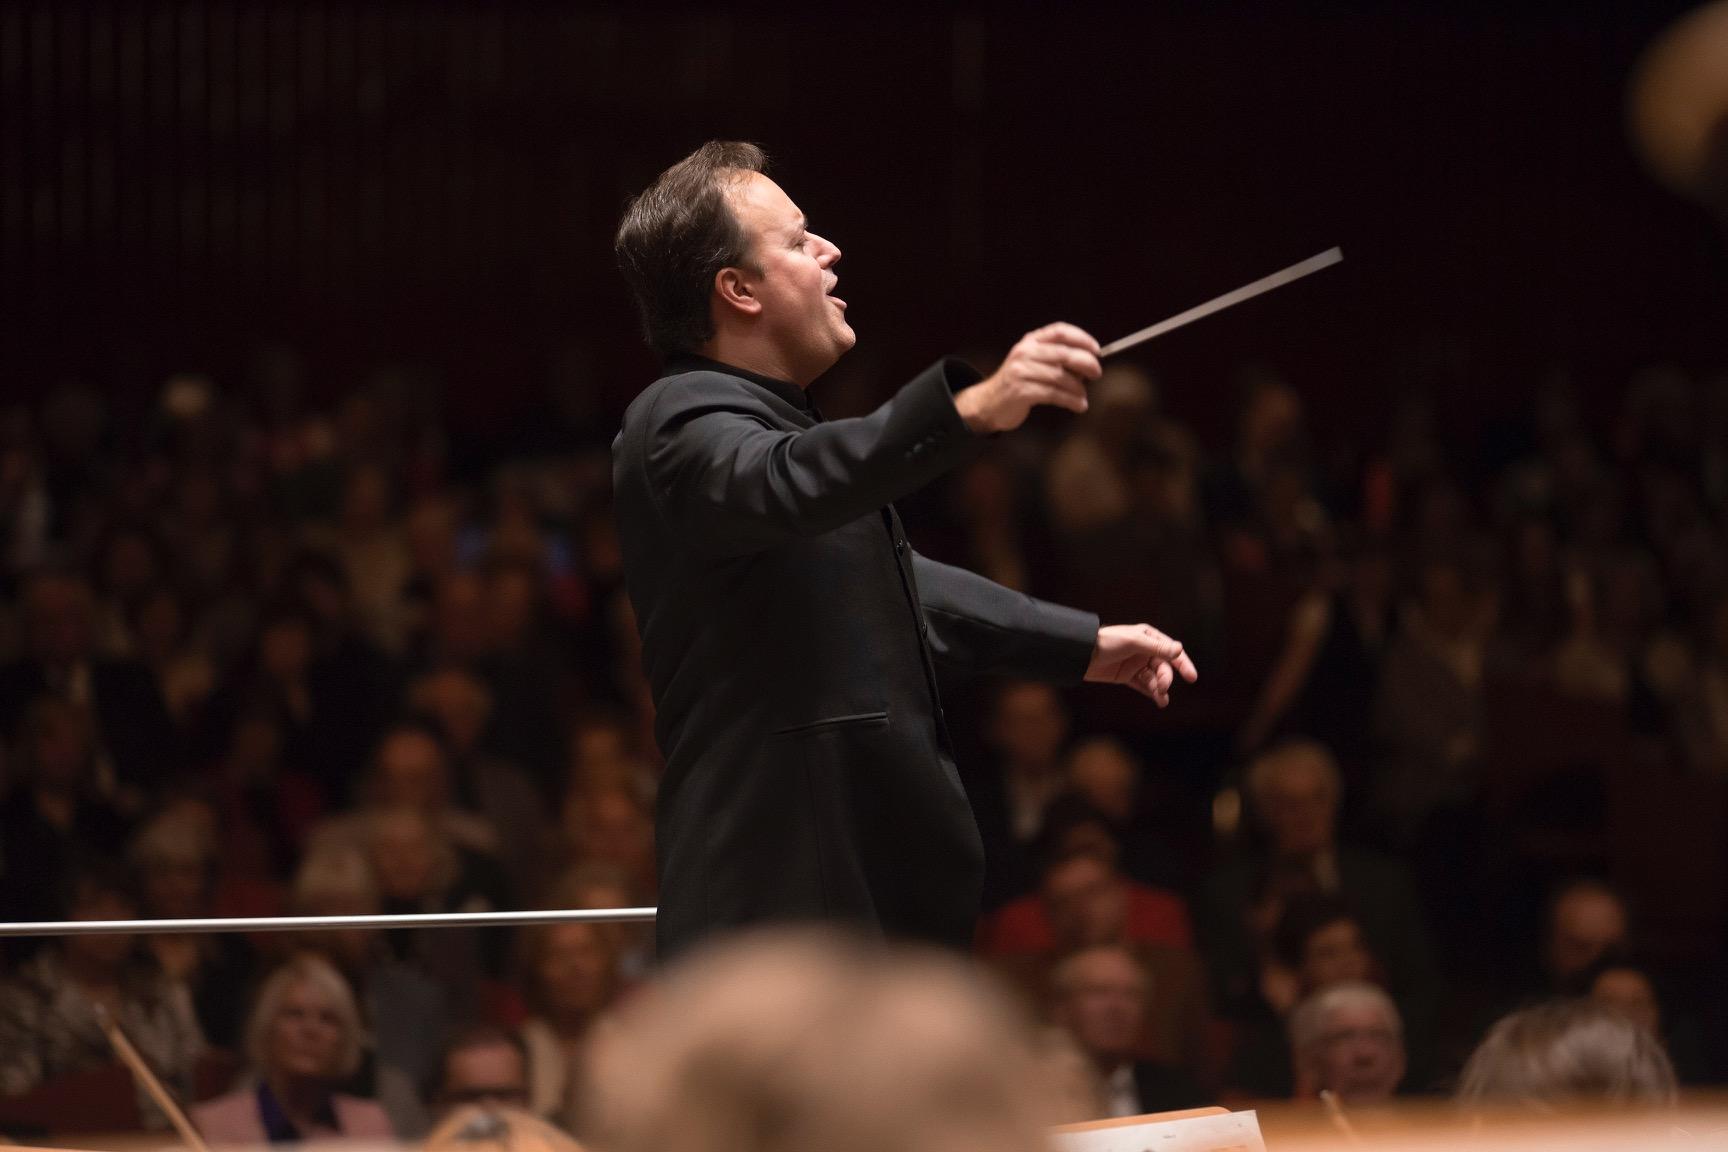 La 37º edición del FeMÀS celebra los aniversarios de Beethoven y la primera vuelta al mundo